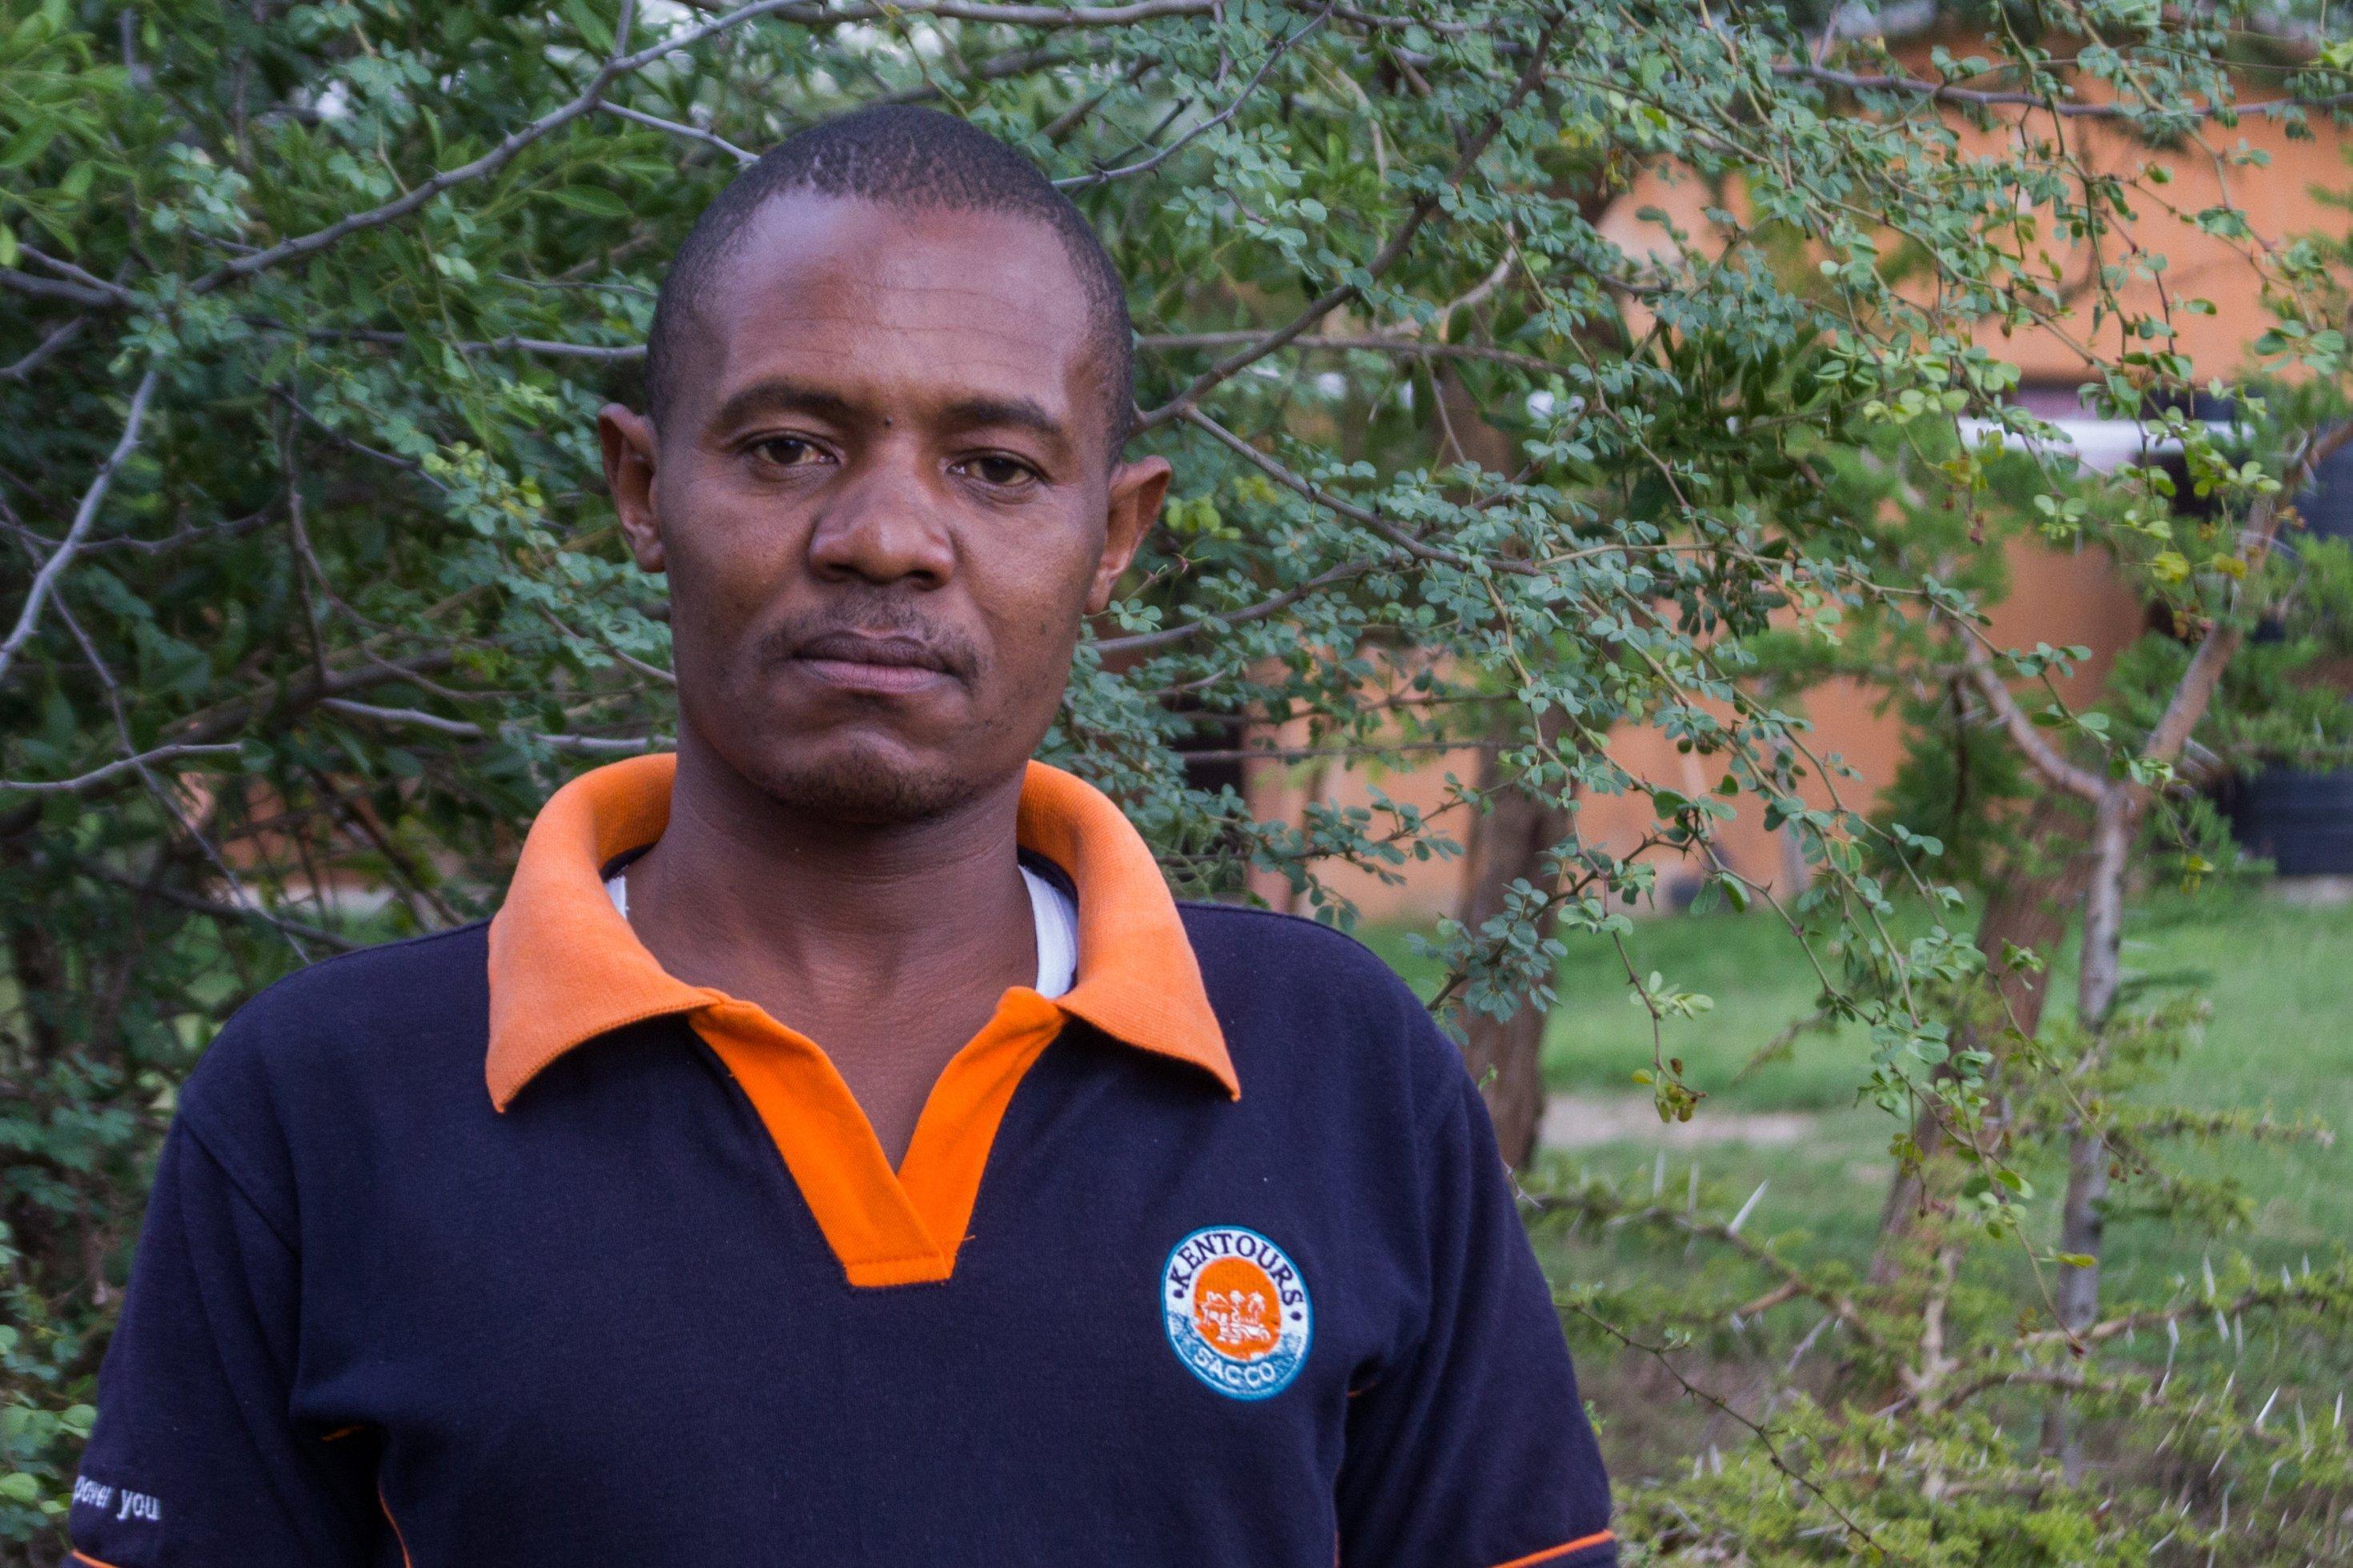 Paul Naiptari, Verbindungsmann zwischen dem Loisaba-Schutzgebiet in Laikipia und der Bevölkerung in den umliegenden Dörfern. Er guckt ernst in die Kamera.